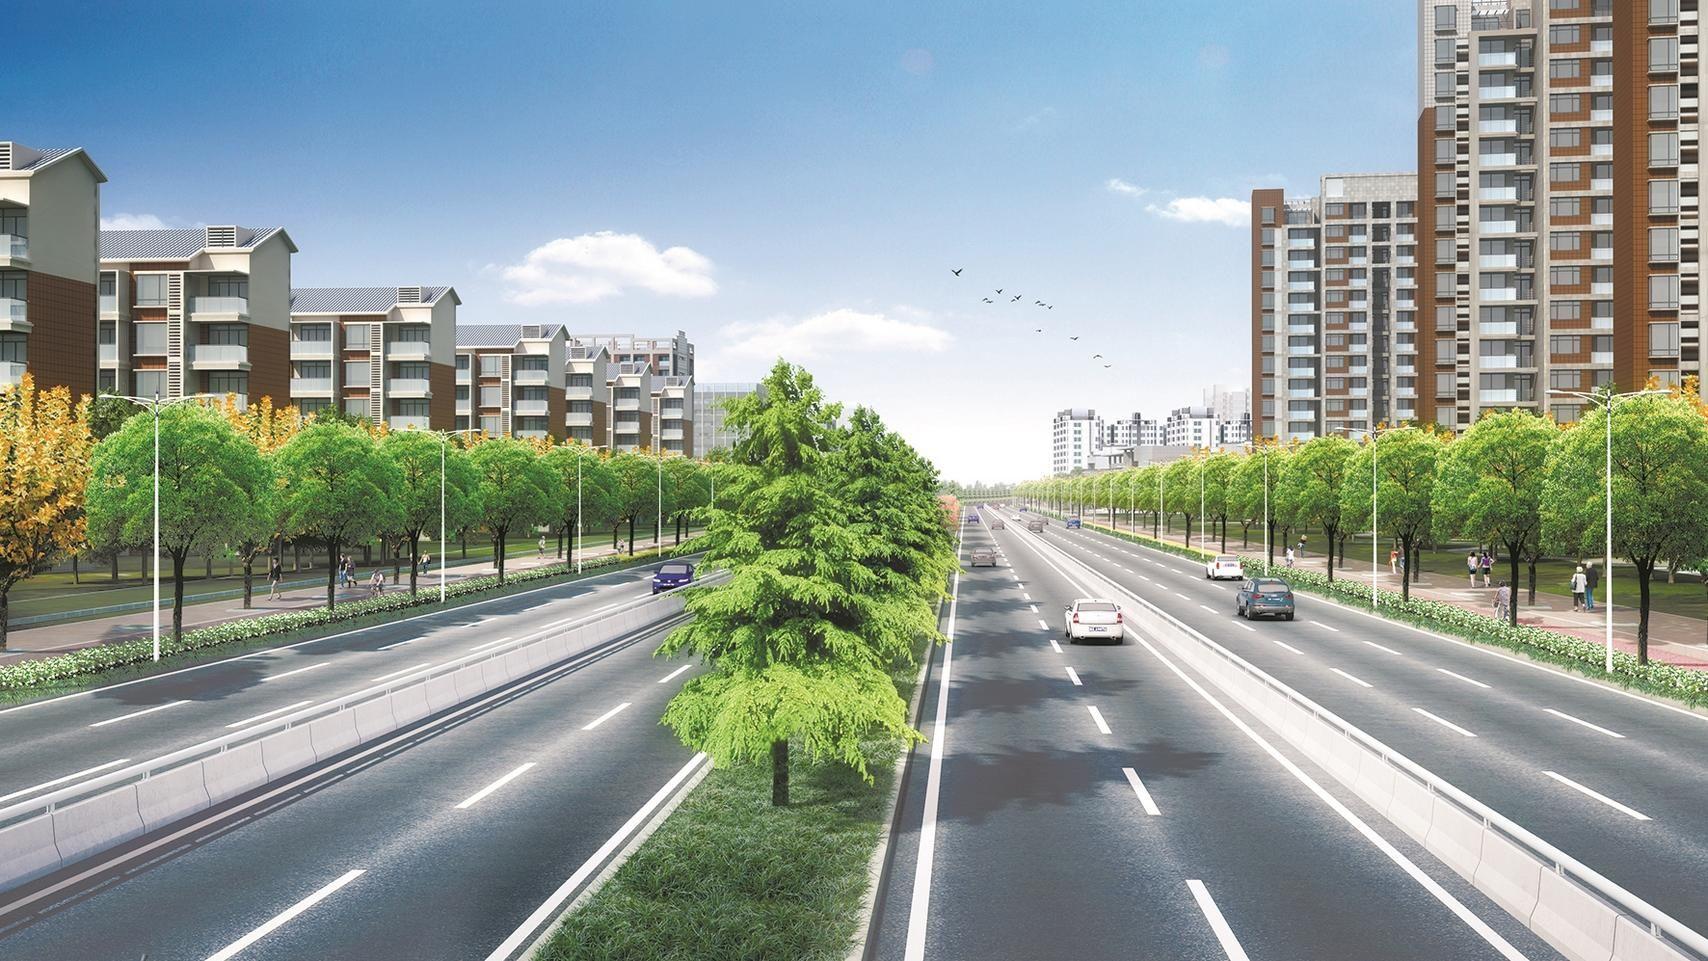 友谊大道启动改造:增设两处跨线高架 ,新建四座人行天桥 武汉三环内快速路将闭环成网